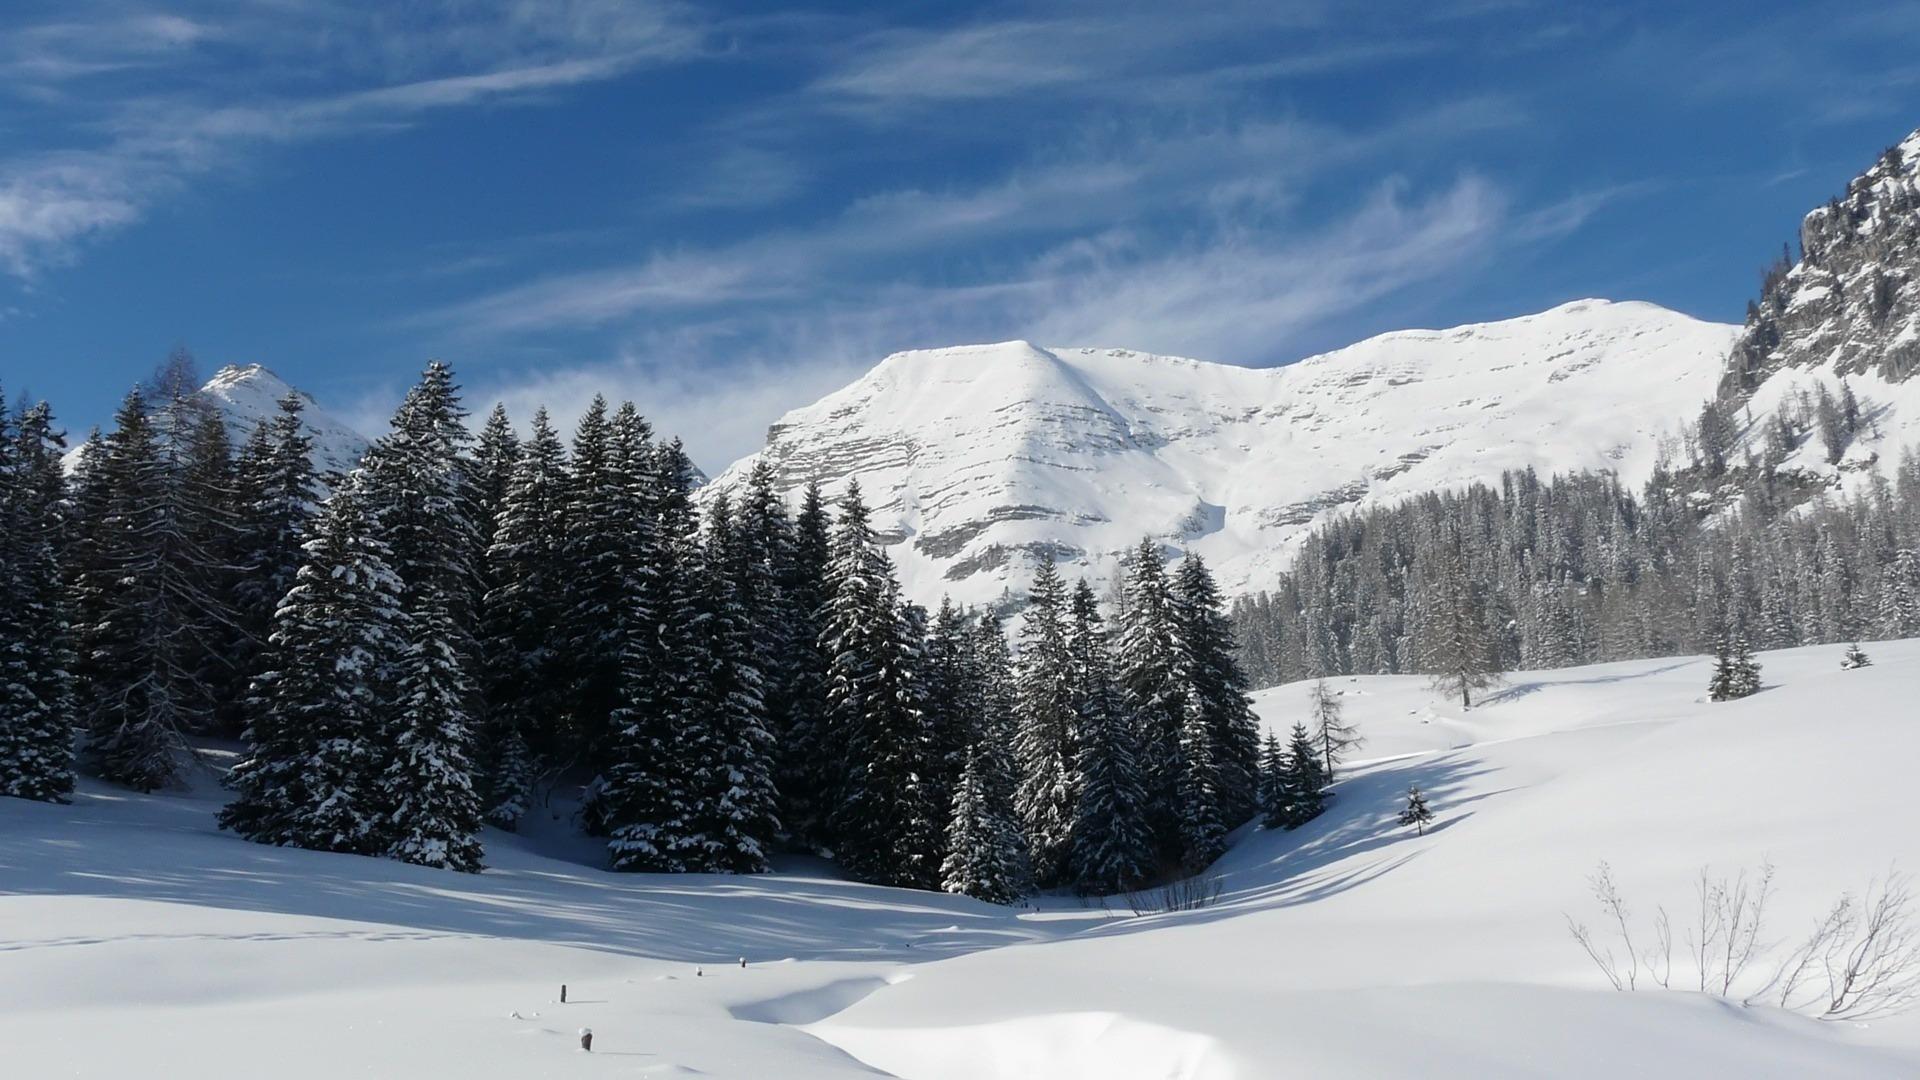 ели снег зима горы подборки